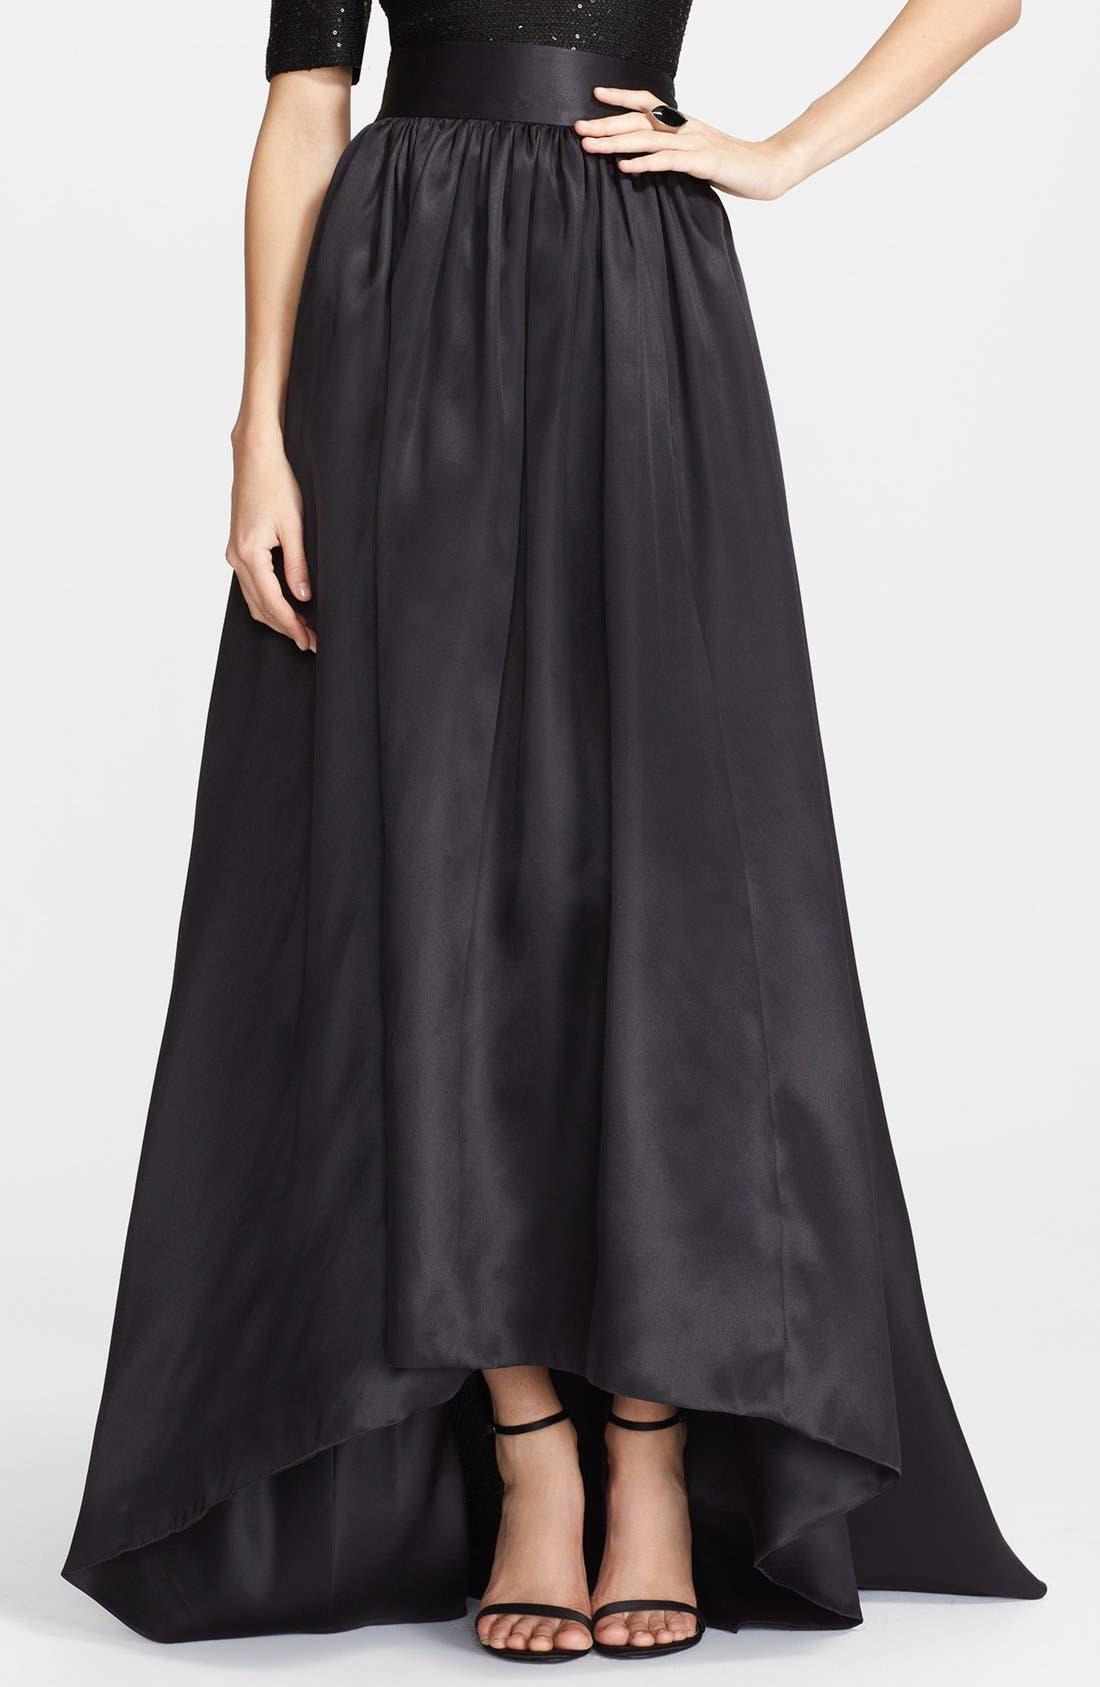 Satin Ball Gown Skirt